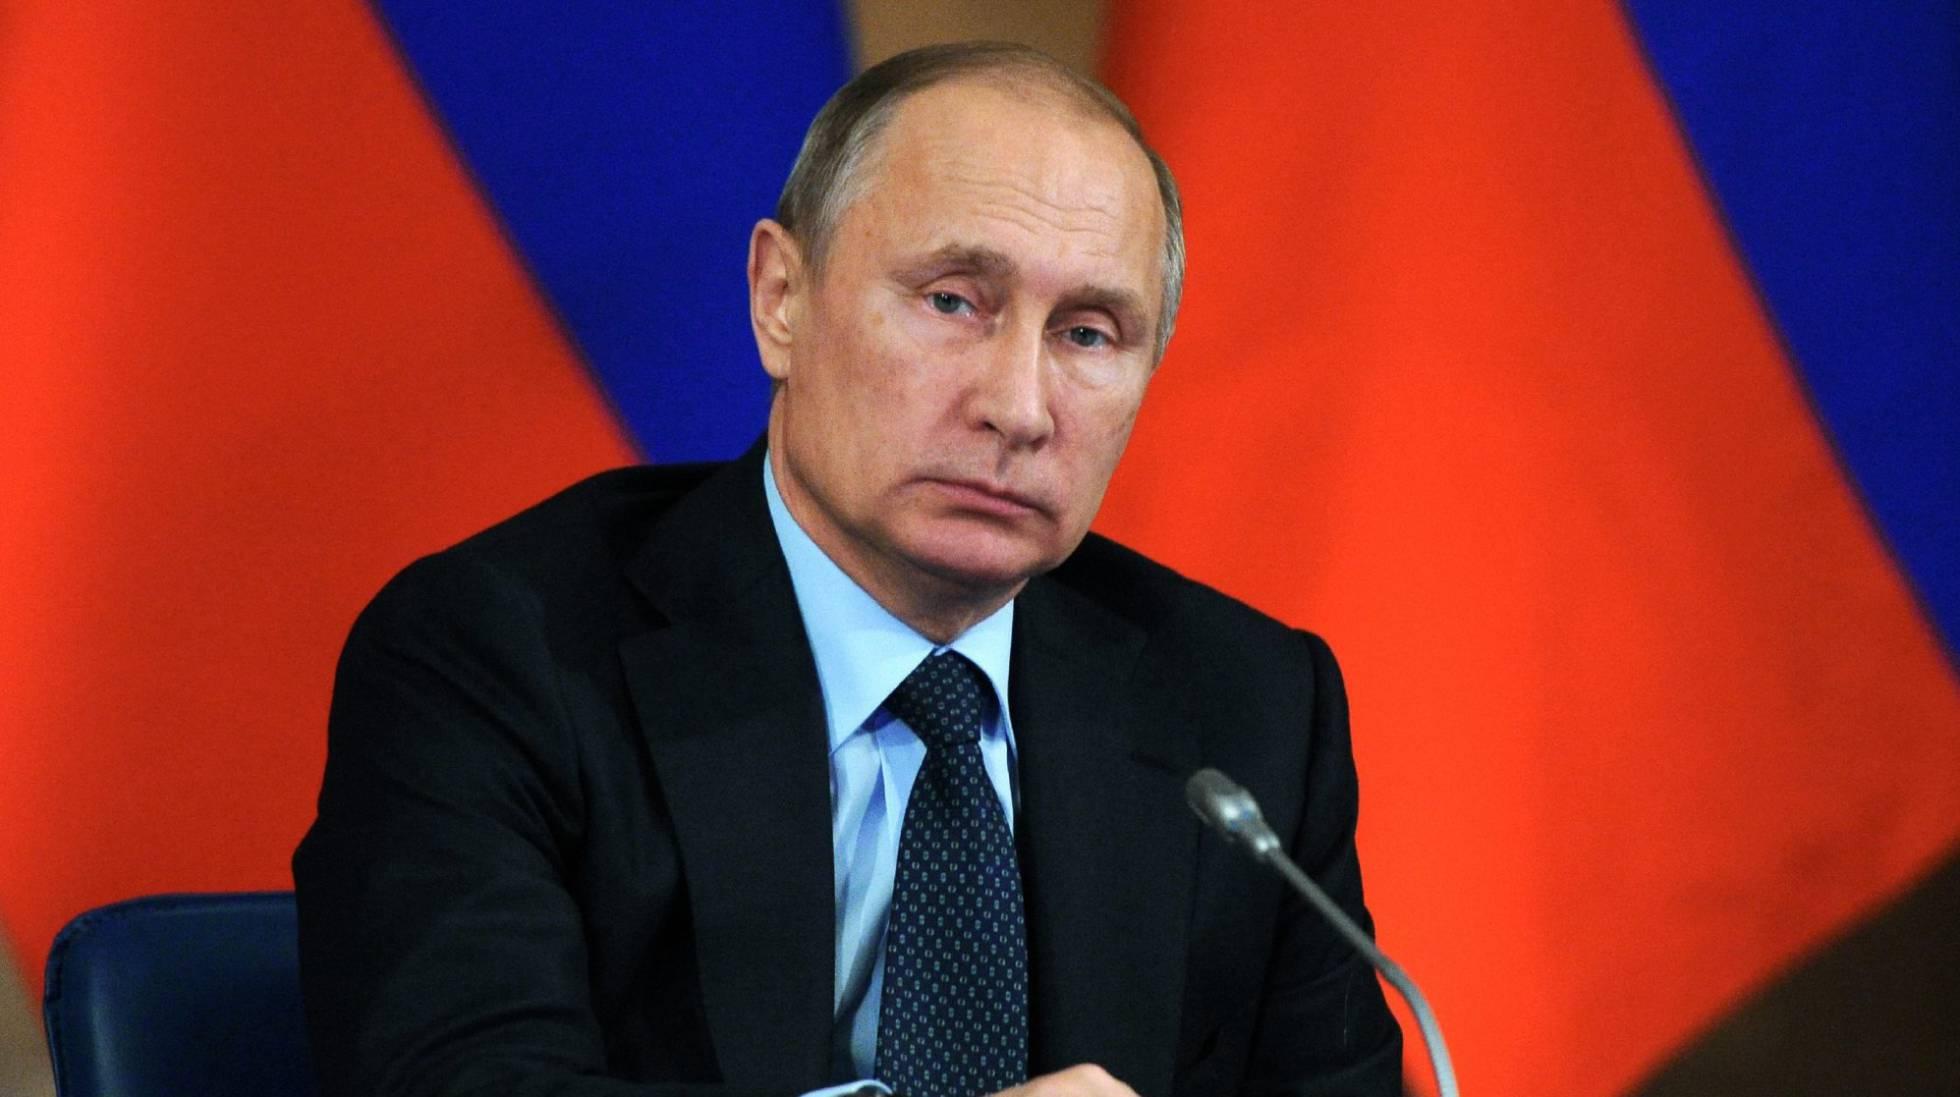 Relaciones bilaterales Estados Unidos - Rusia 1479156626_738611_1479156828_noticia_normal_recorte1